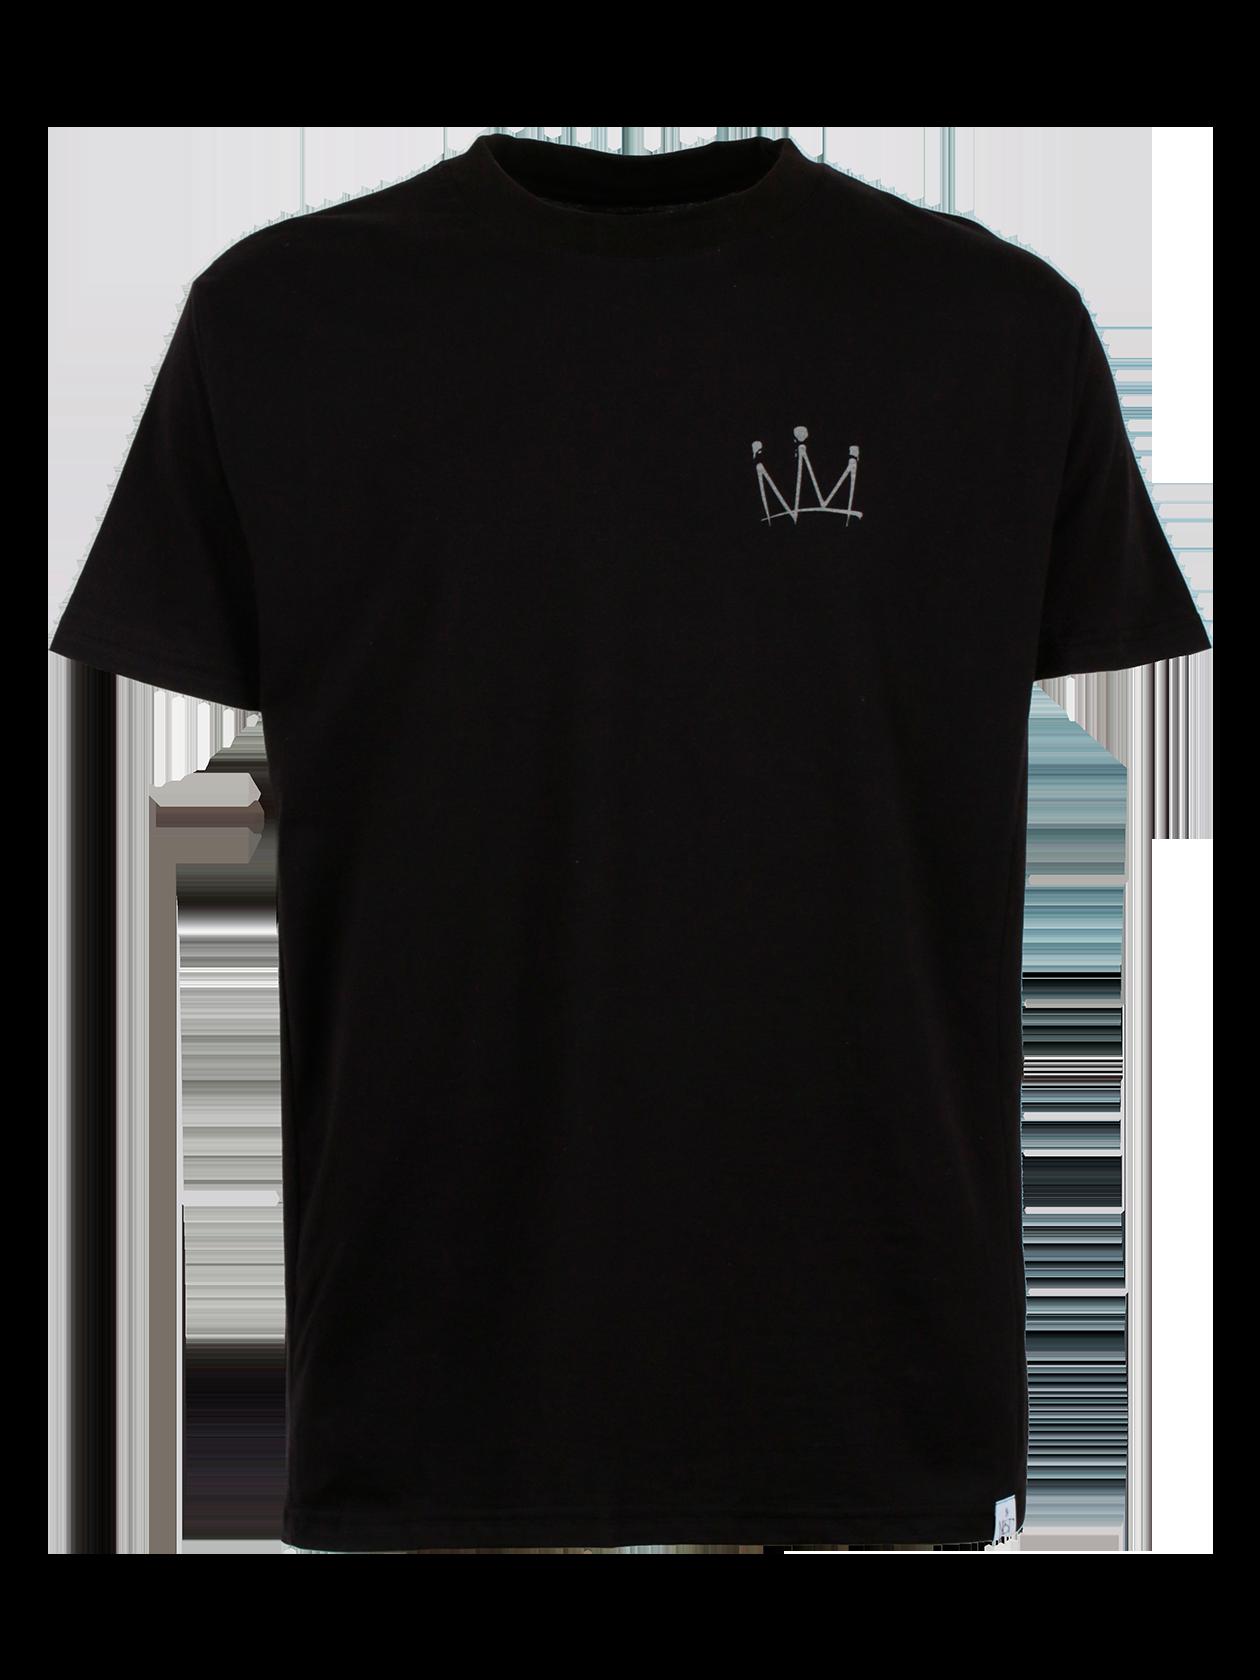 Футболка унисекс MOT CROWNФутболка унисекс Мот Crown из капсульной коллекции популярного артиста Мота привлекает лаконичным и стильным дизайном. Модель классического прямого свободного кроя с коротким широким рукавом, создана из высококачественного хлопка. Узкая горловина отделана эластичной окантовкой, внутри лейбл бренда Black Star Wear. На груди оформлен принт в виде короны, внизу небольшая фирменная нашивка. Спинка декорирована пирамидой из корон и автографом Мота. Изделие доступно в двух расцветках: белой и черной.<br><br>Размер: S<br>Цвет: Черный<br>Пол: Мужской